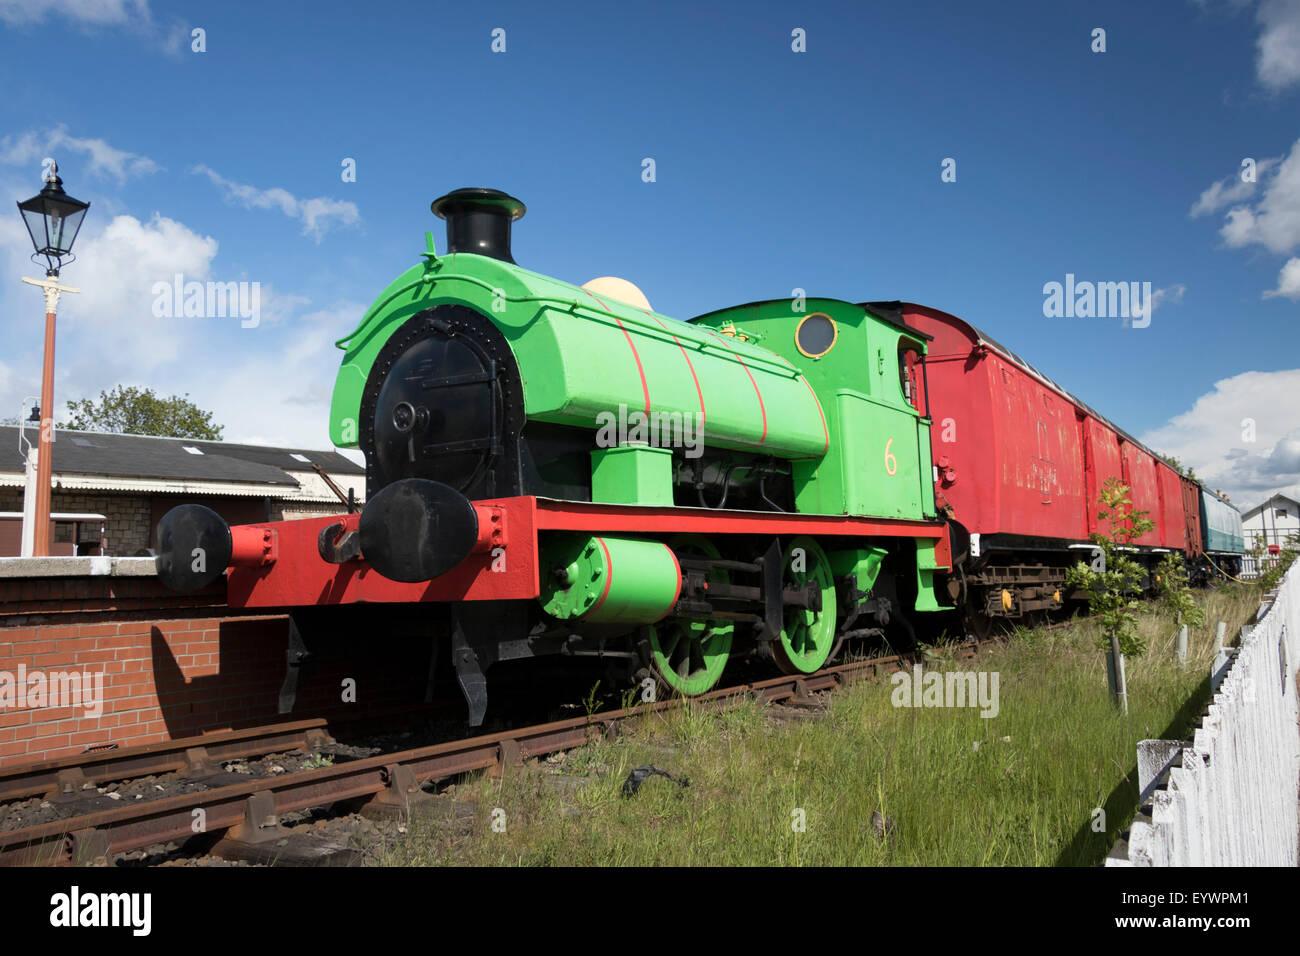 Percy saddle tank locomotive, Museum of Scottish Railways, Bo'ness, Scotland, United Kingdom, Europe - Stock Image